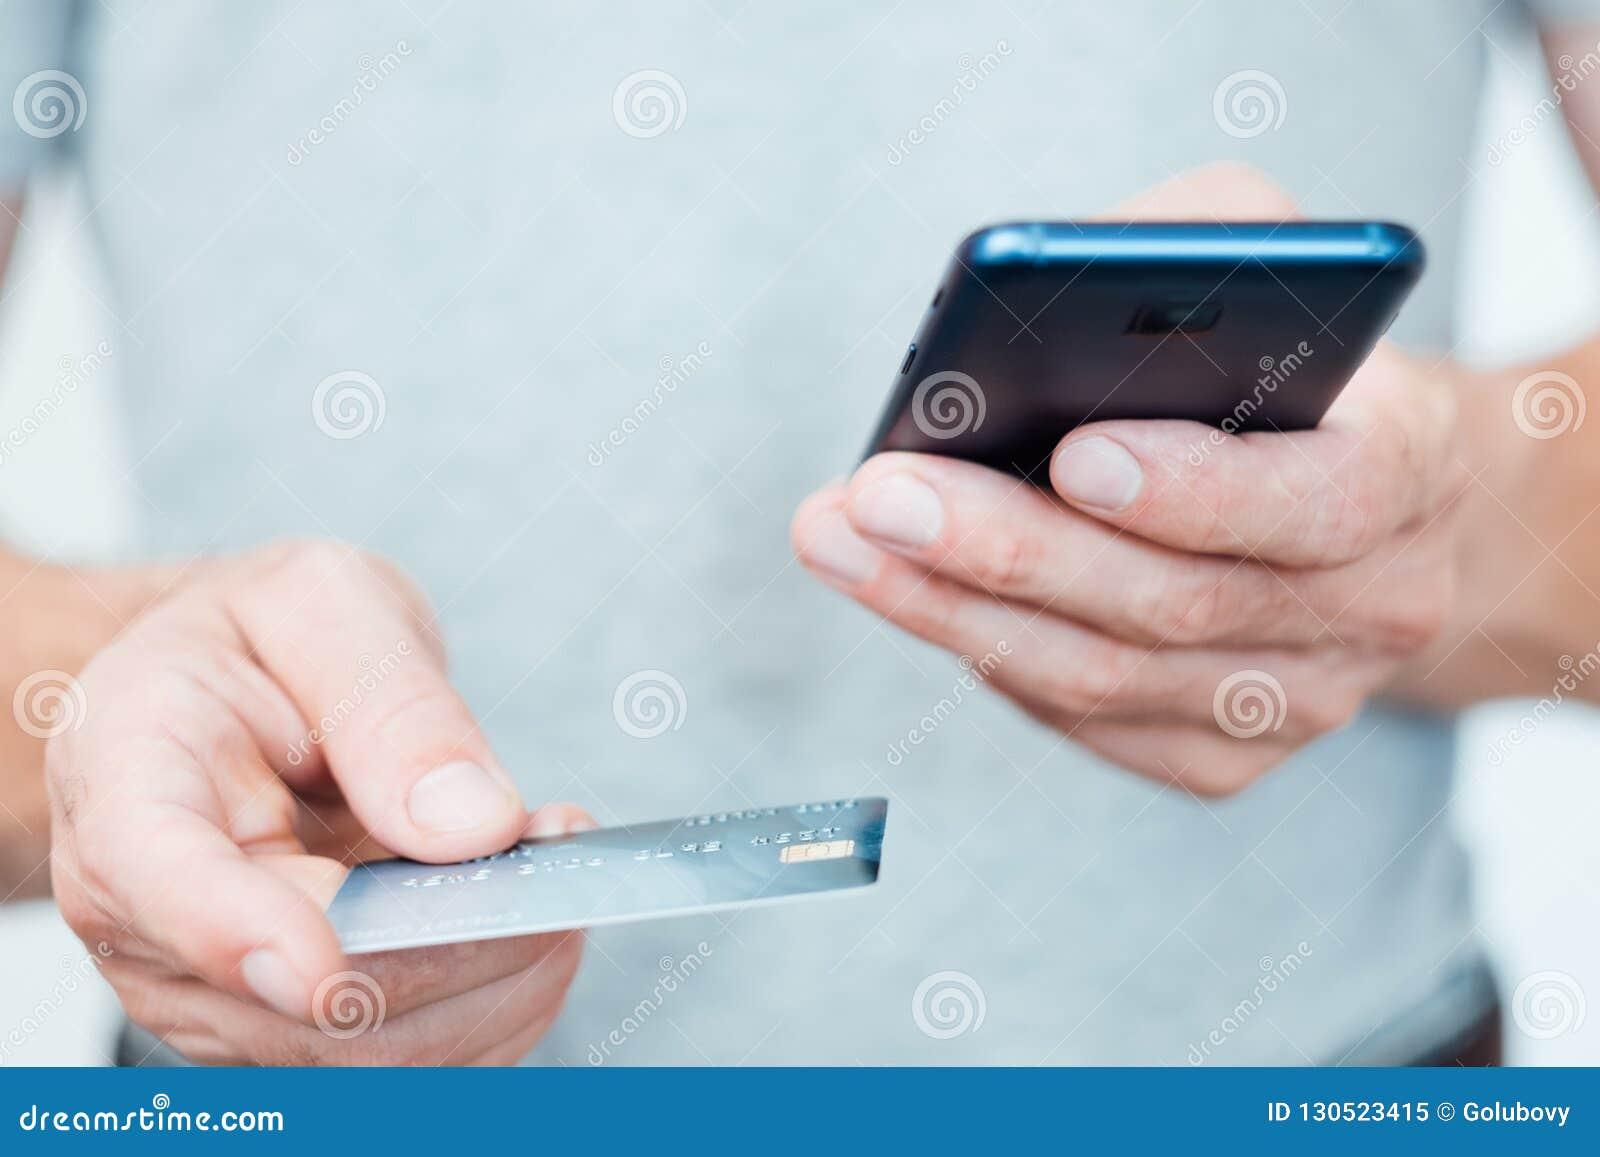 Telefone digital do cartão do homem do app do pagamento da carteira móvel